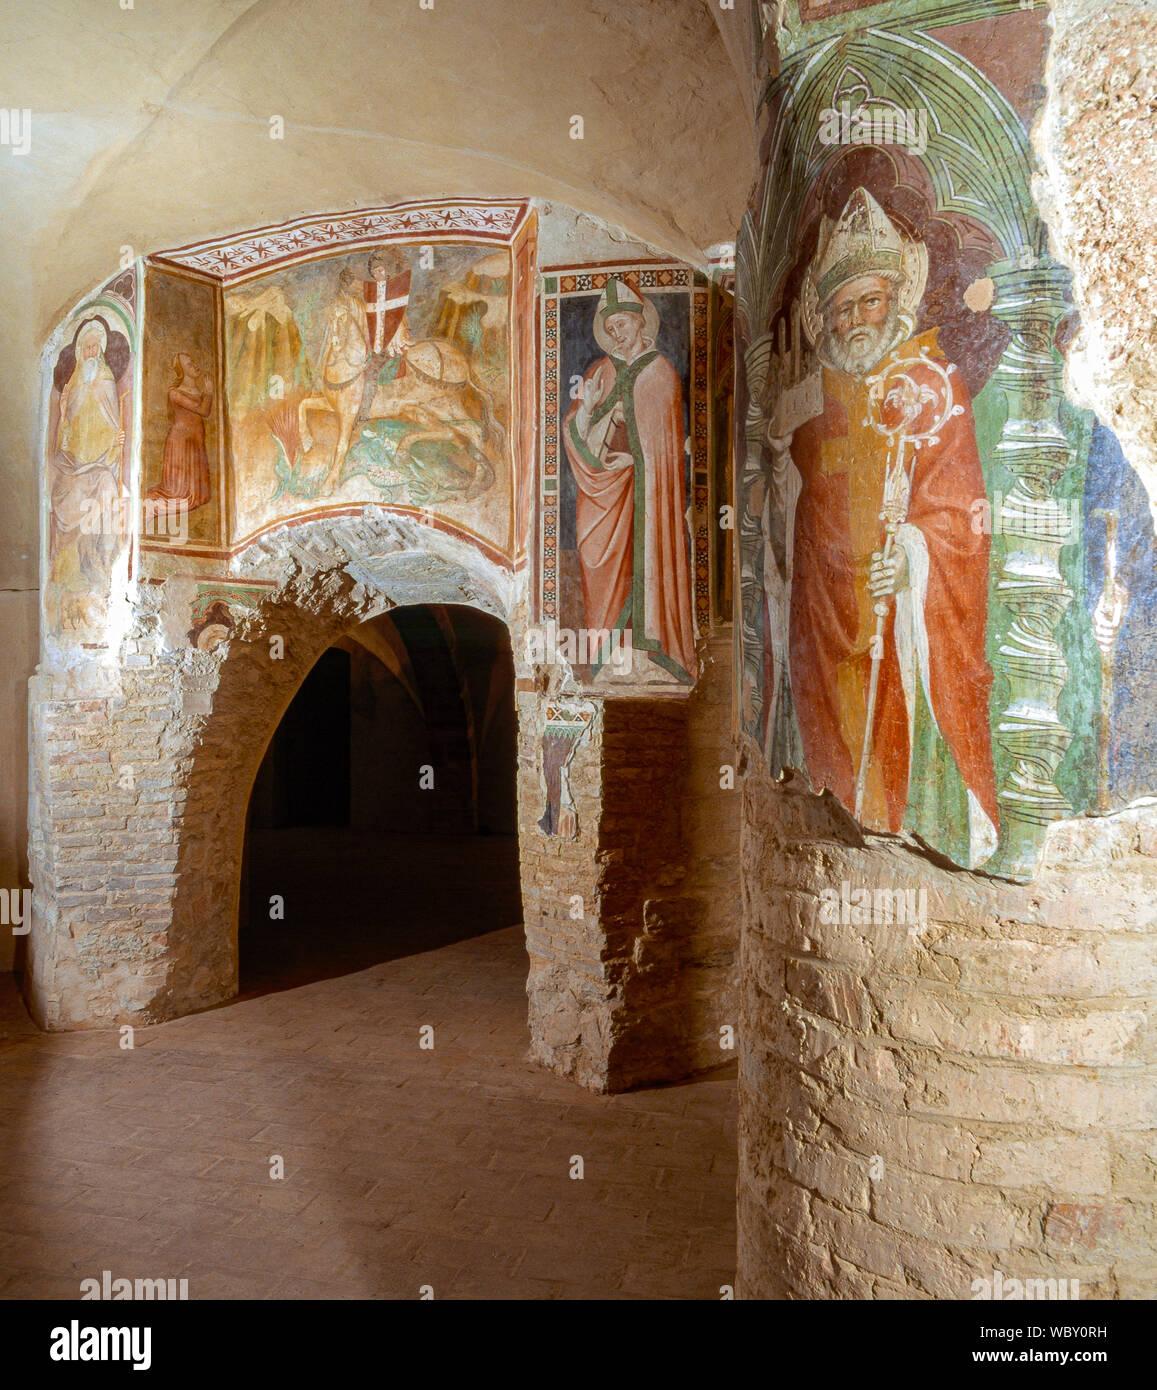 Italy Marche San Severino Marche - San Lorenzo in Doliolo - Crypt of VI century - frescoes Stock Photo